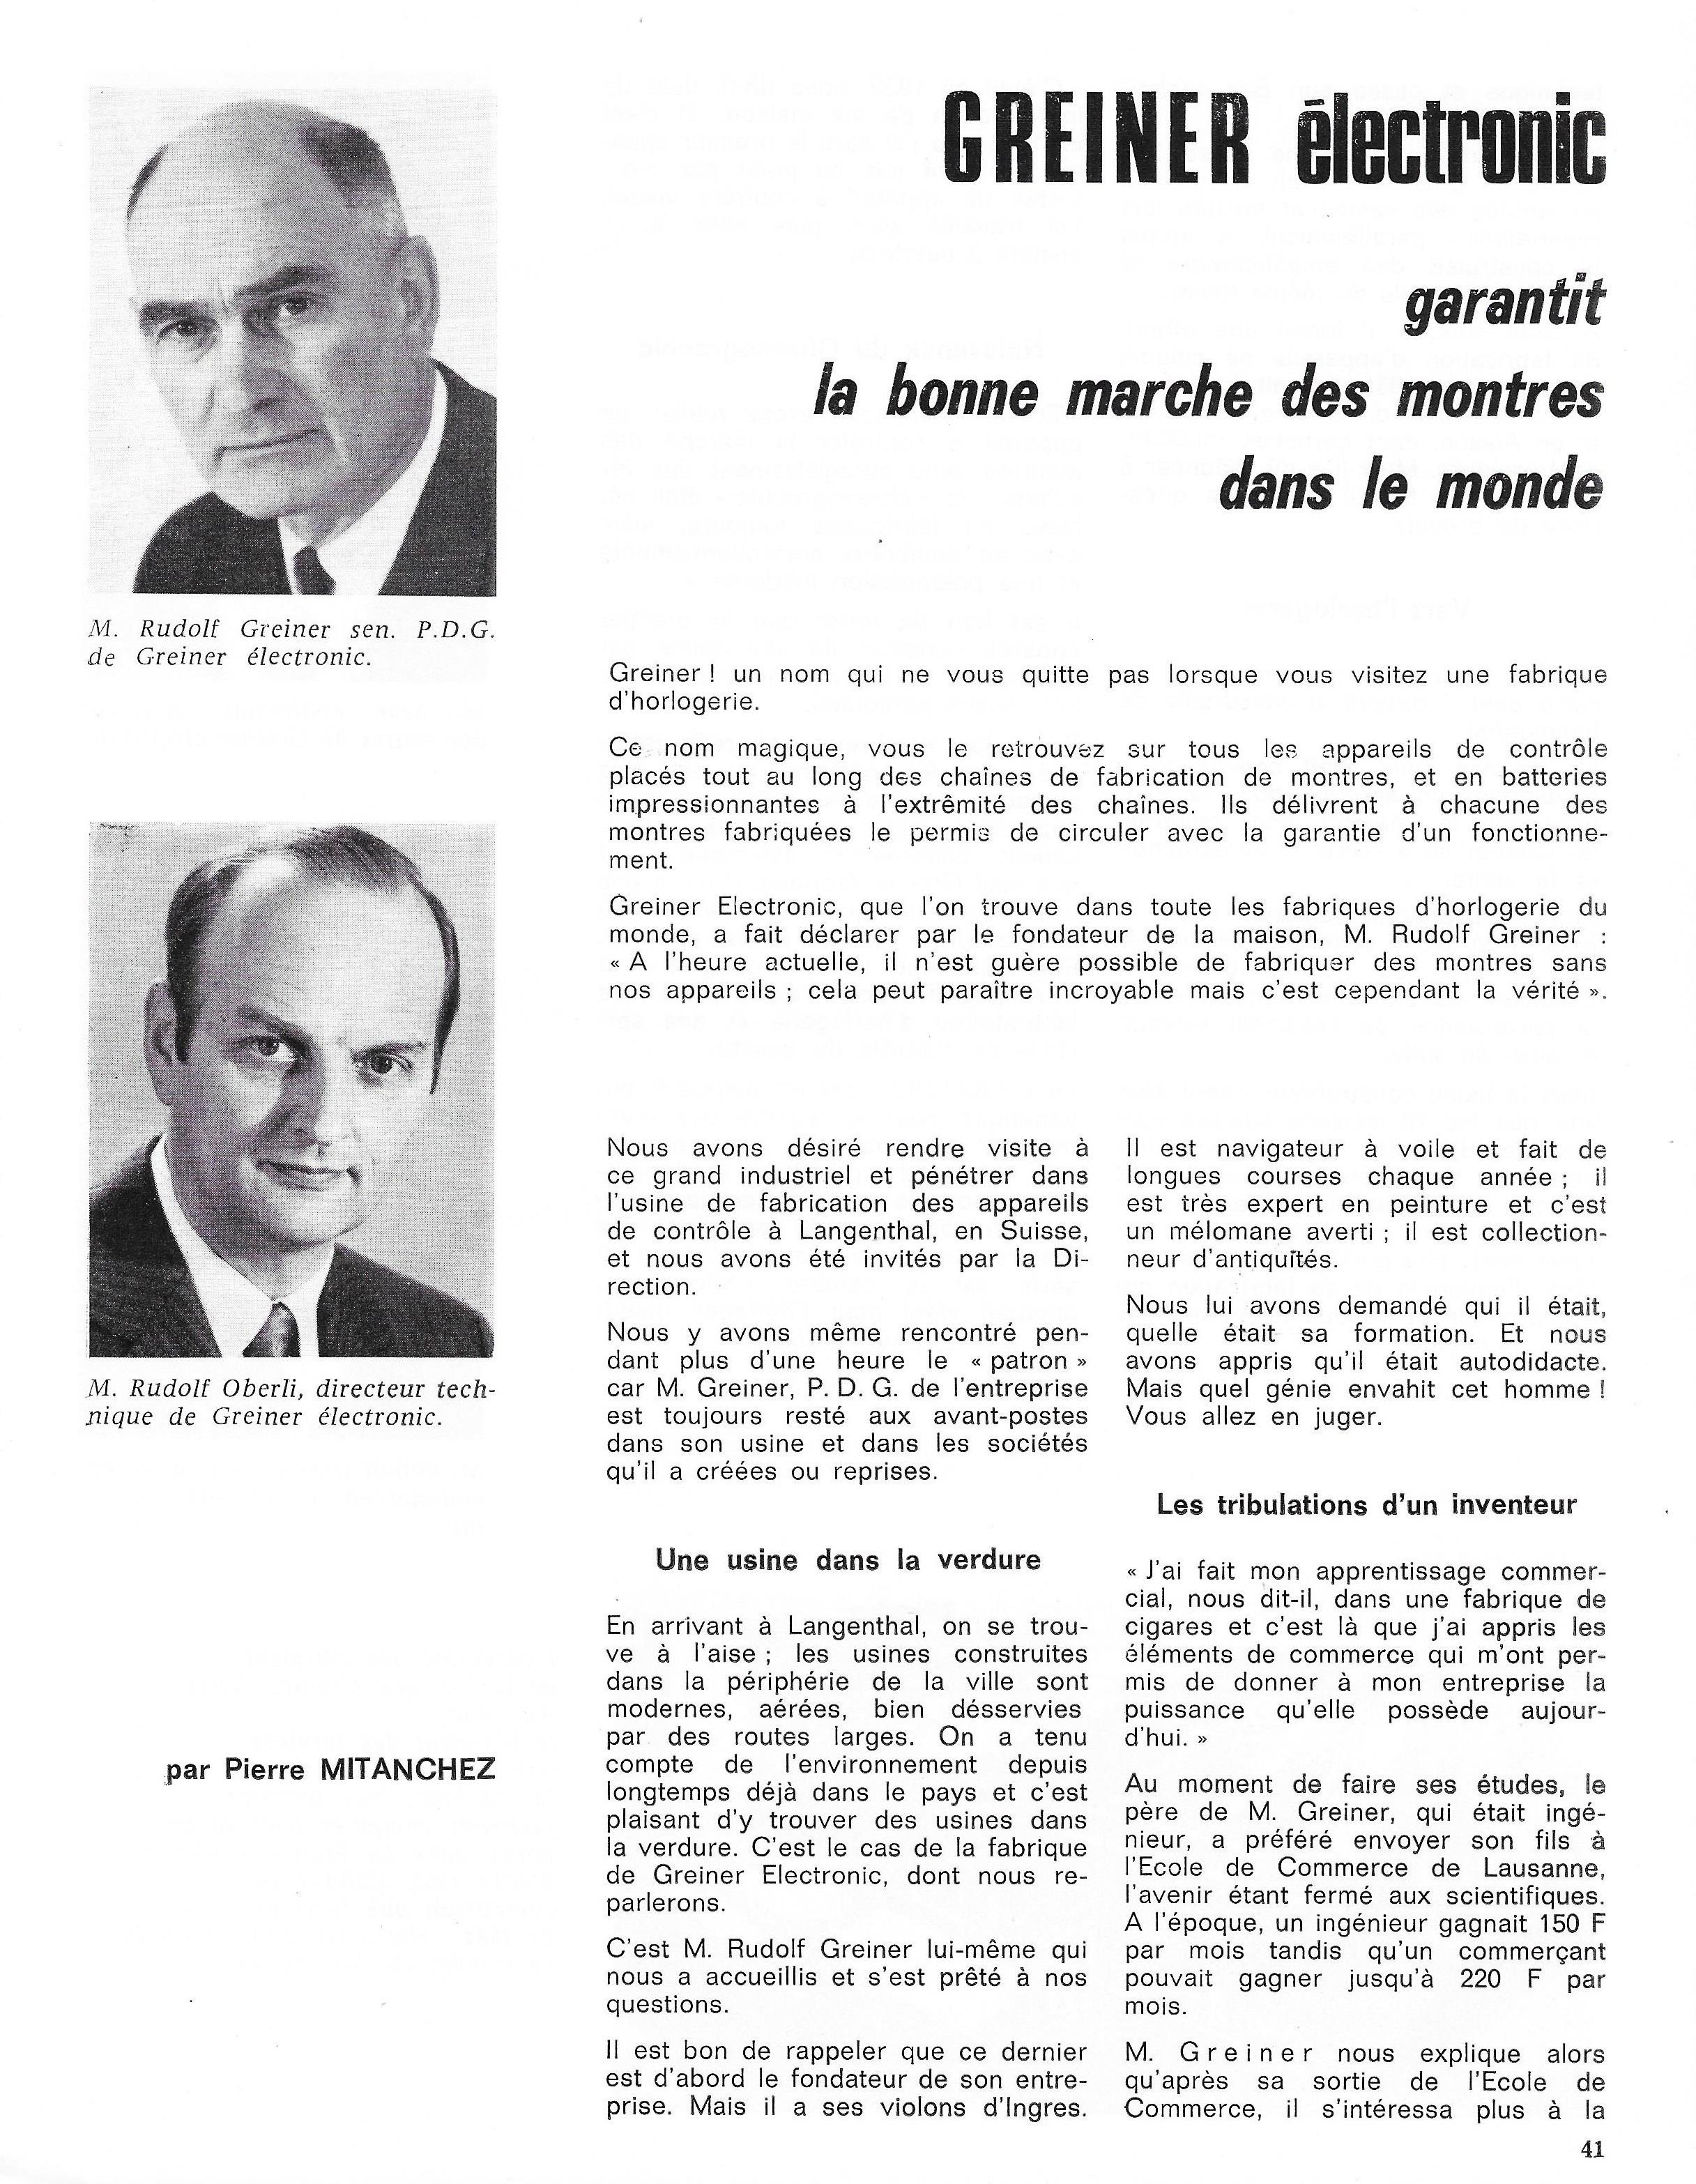 La France Horlogère page 41